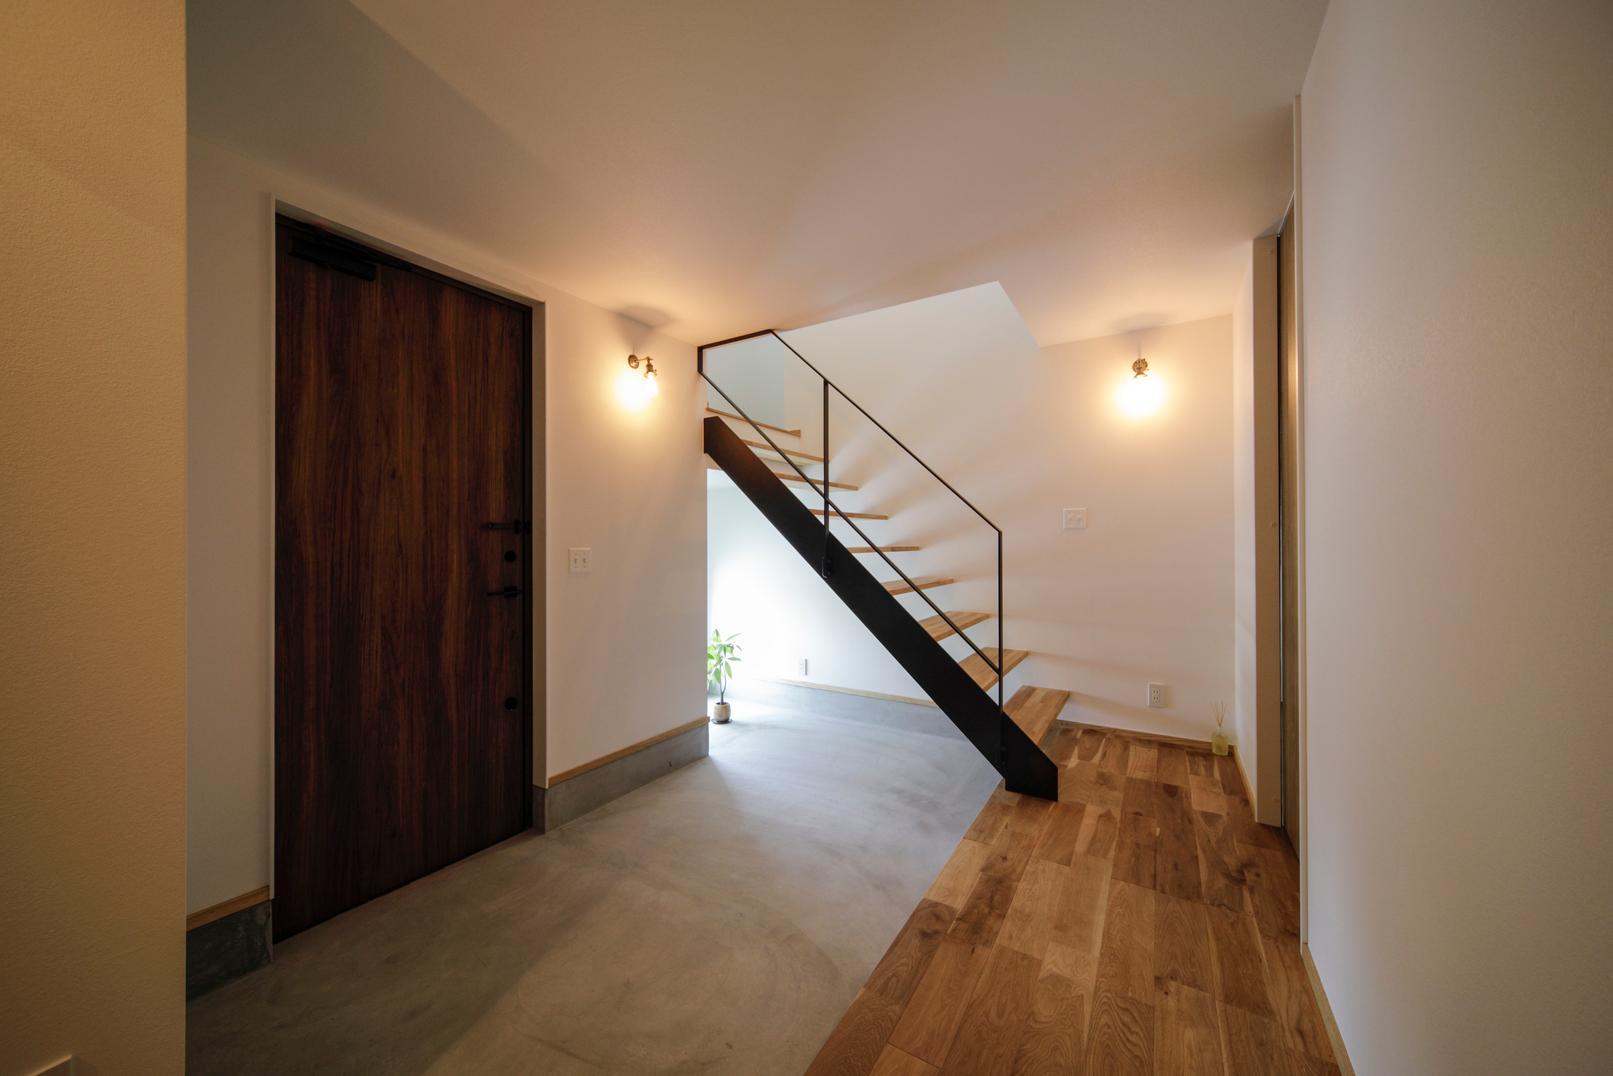 株式会社ユースフルハウス「眺望のある暮らし」のシンプル・ナチュラル・モダン・インダストリアル・ブルックリンスタイルな玄関の実例写真